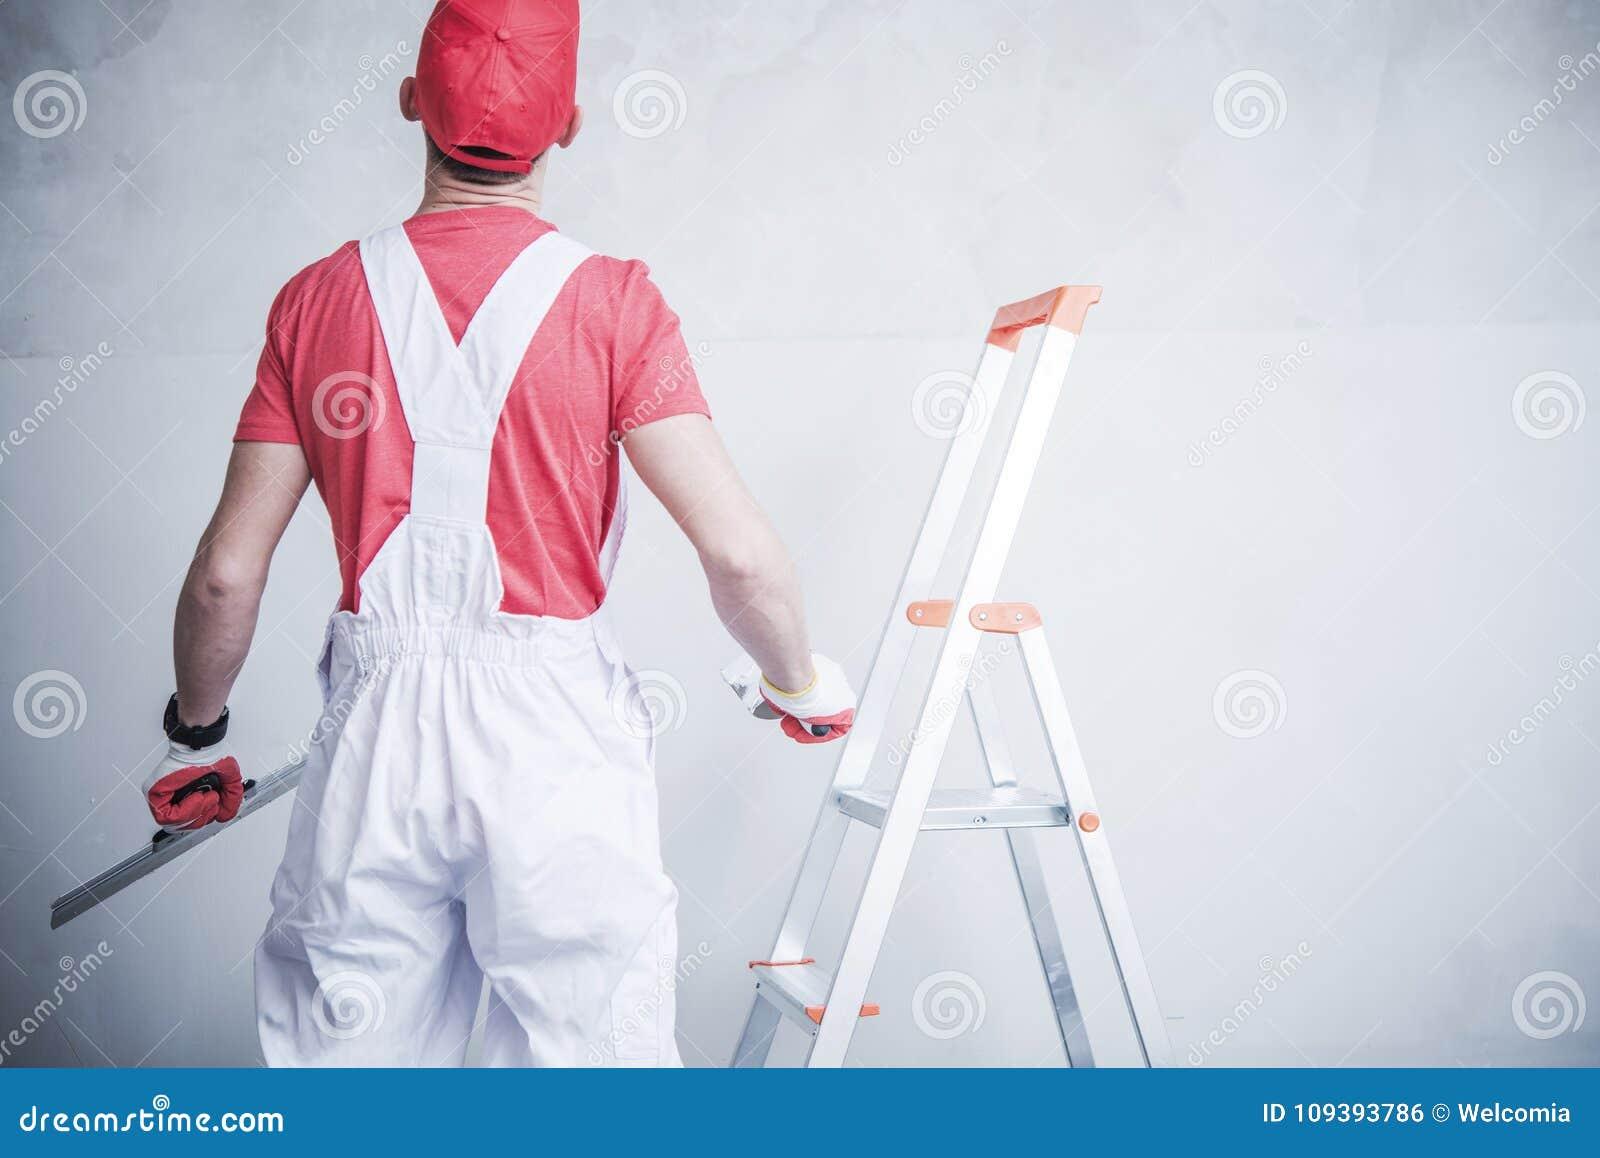 Trabajador que se prepara para remendar